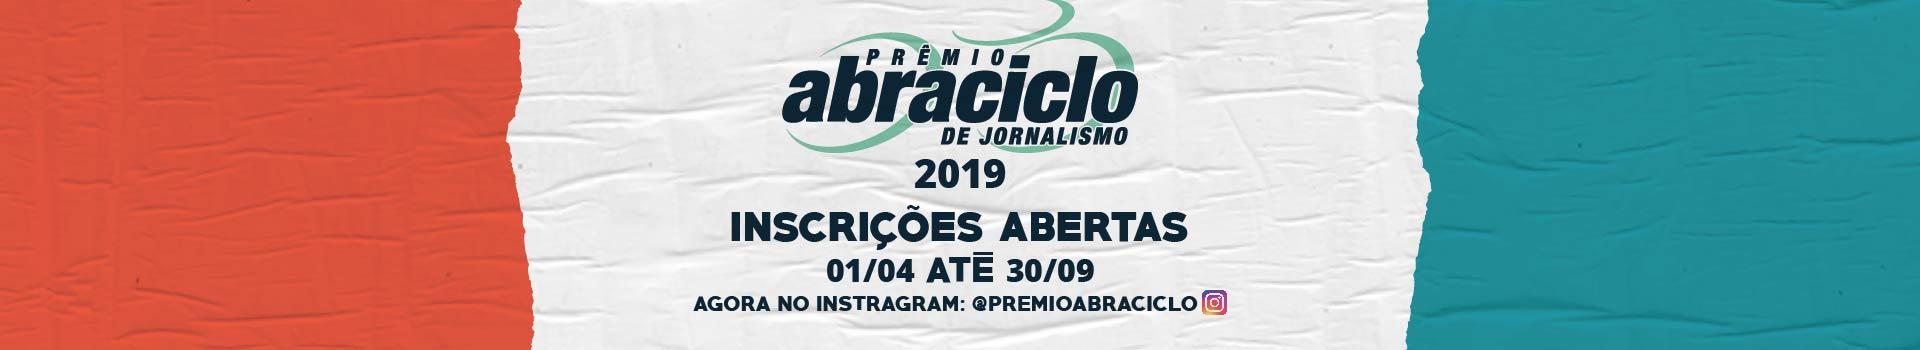 BANNER_PREMIO_SITE_ABRACICLO-01